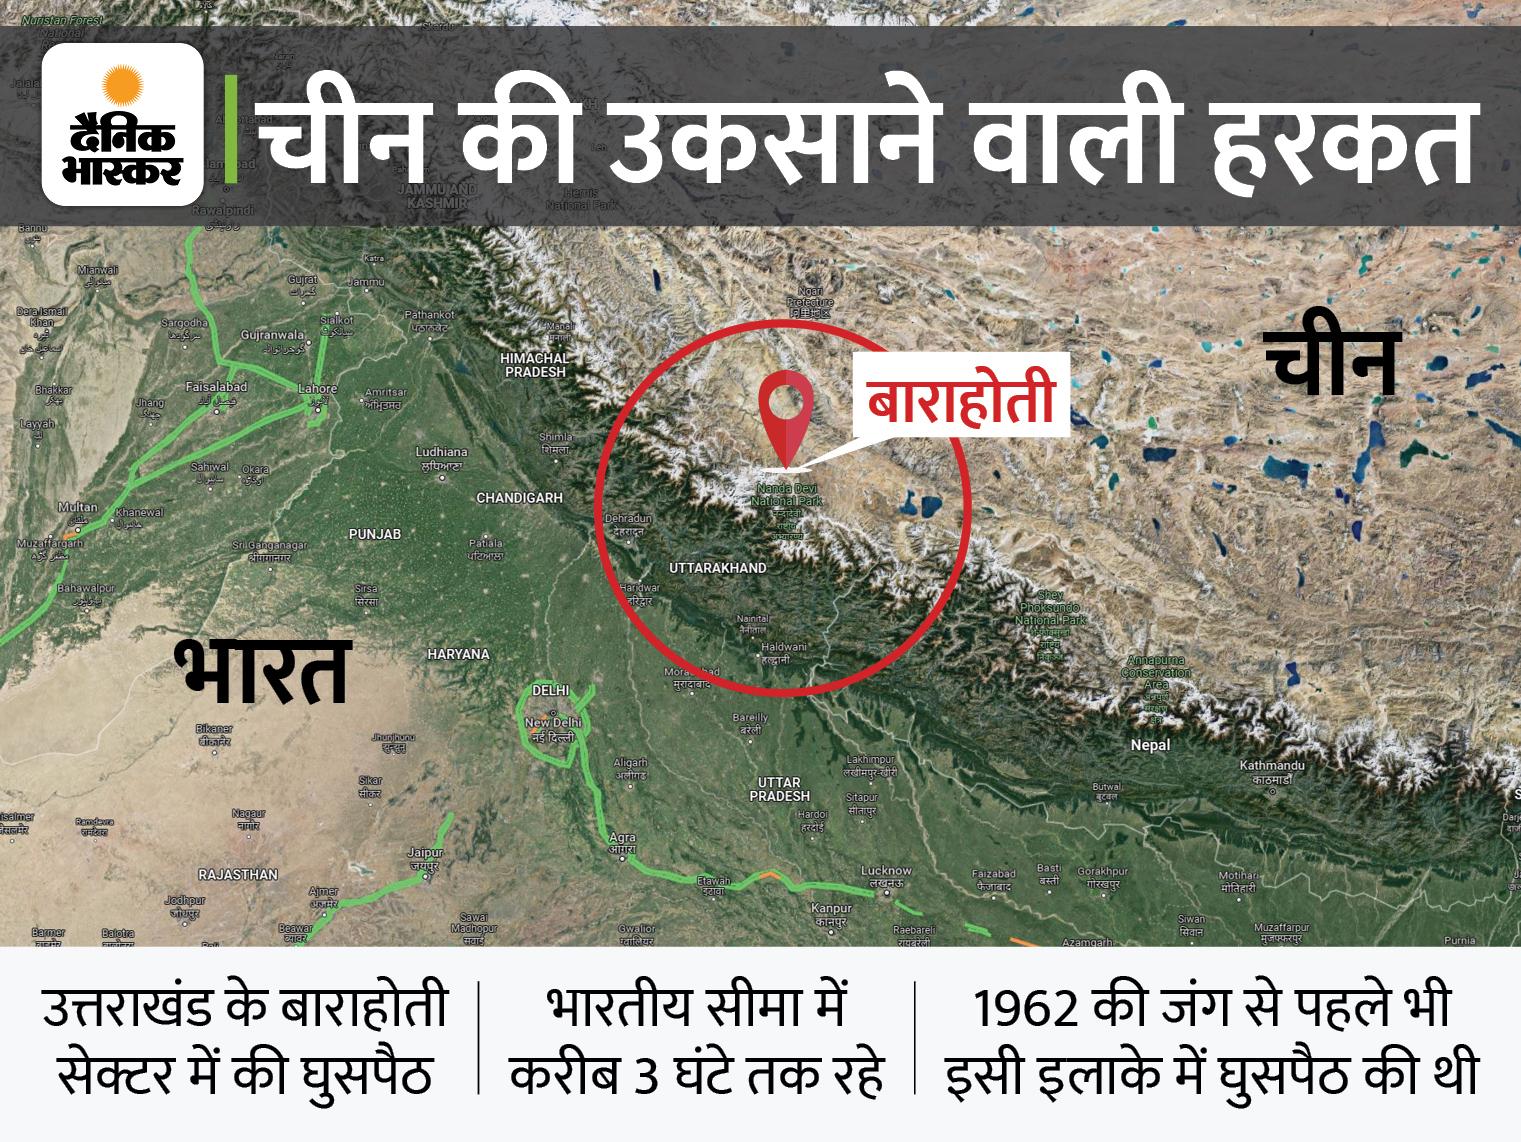 चीन के 100 सैनिकों ने पिछले महीने उत्तराखंड के पास बॉर्डर क्रॉस किया, पुल तोड़कर भागे; अब हुआ खुलासा|देश,National - Dainik Bhaskar